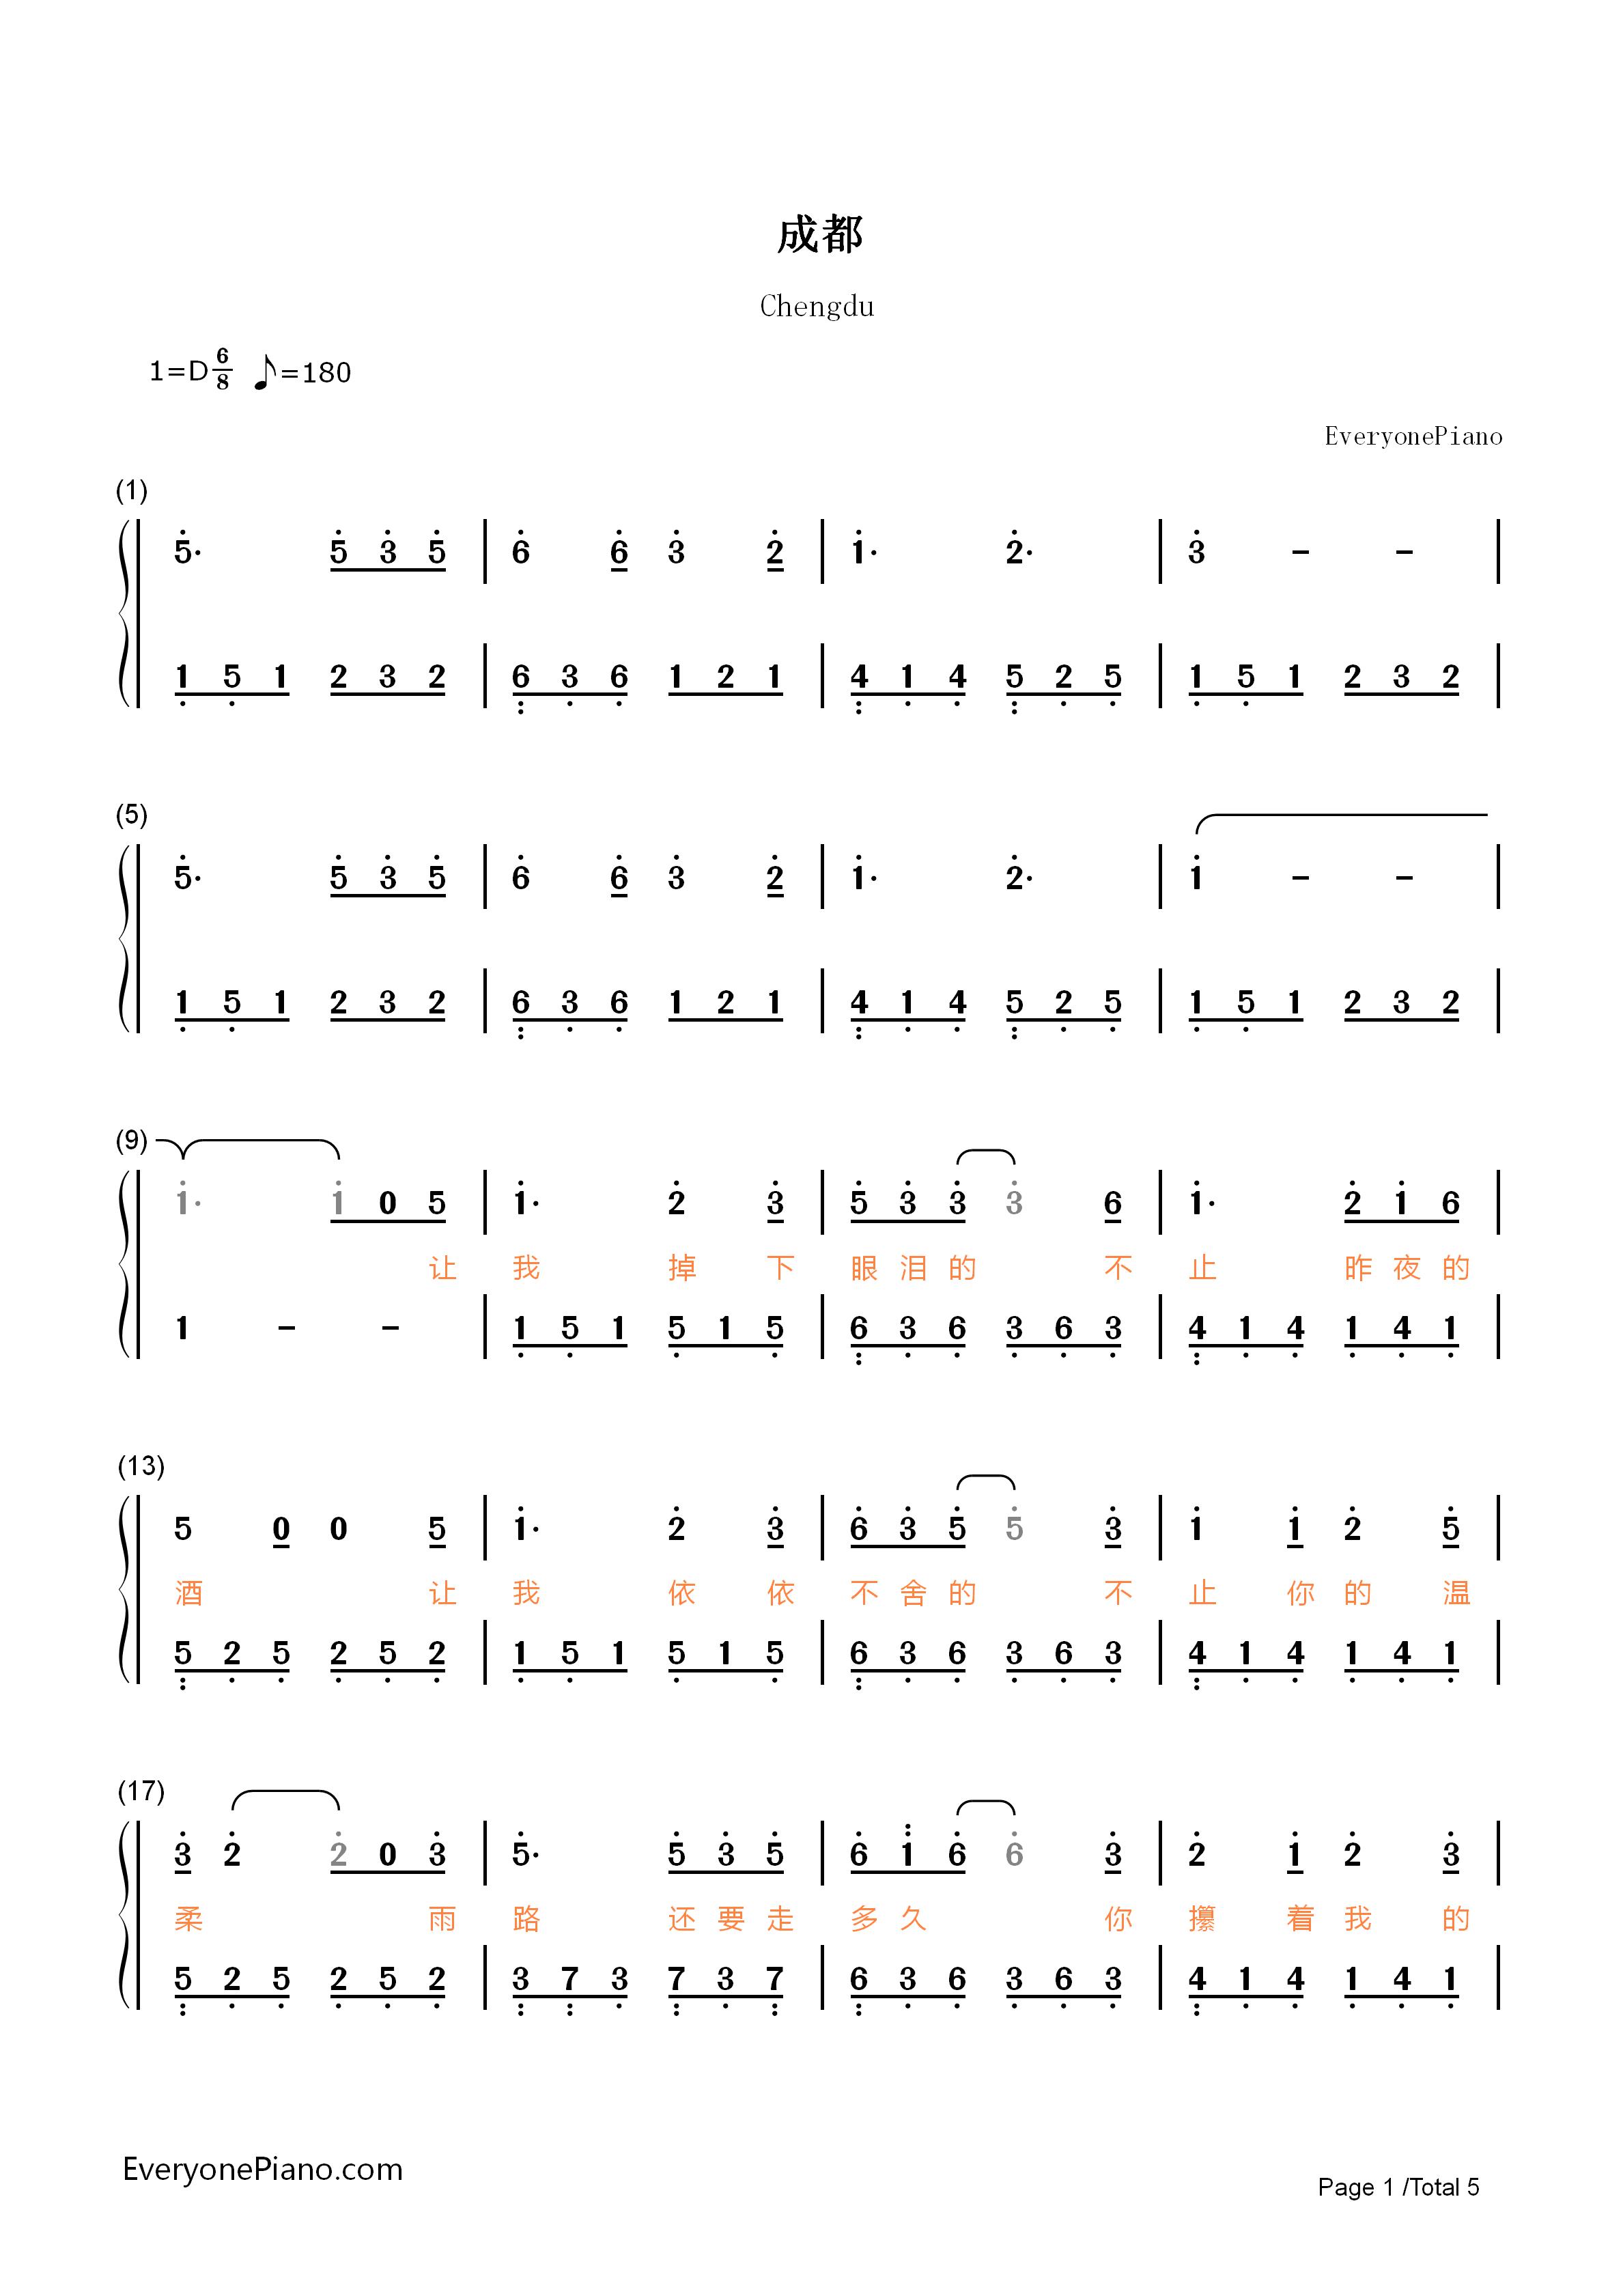 钢琴曲谱 流行 成都-赵雷 成都-赵雷双手简谱预览1  }  仅供学习交流